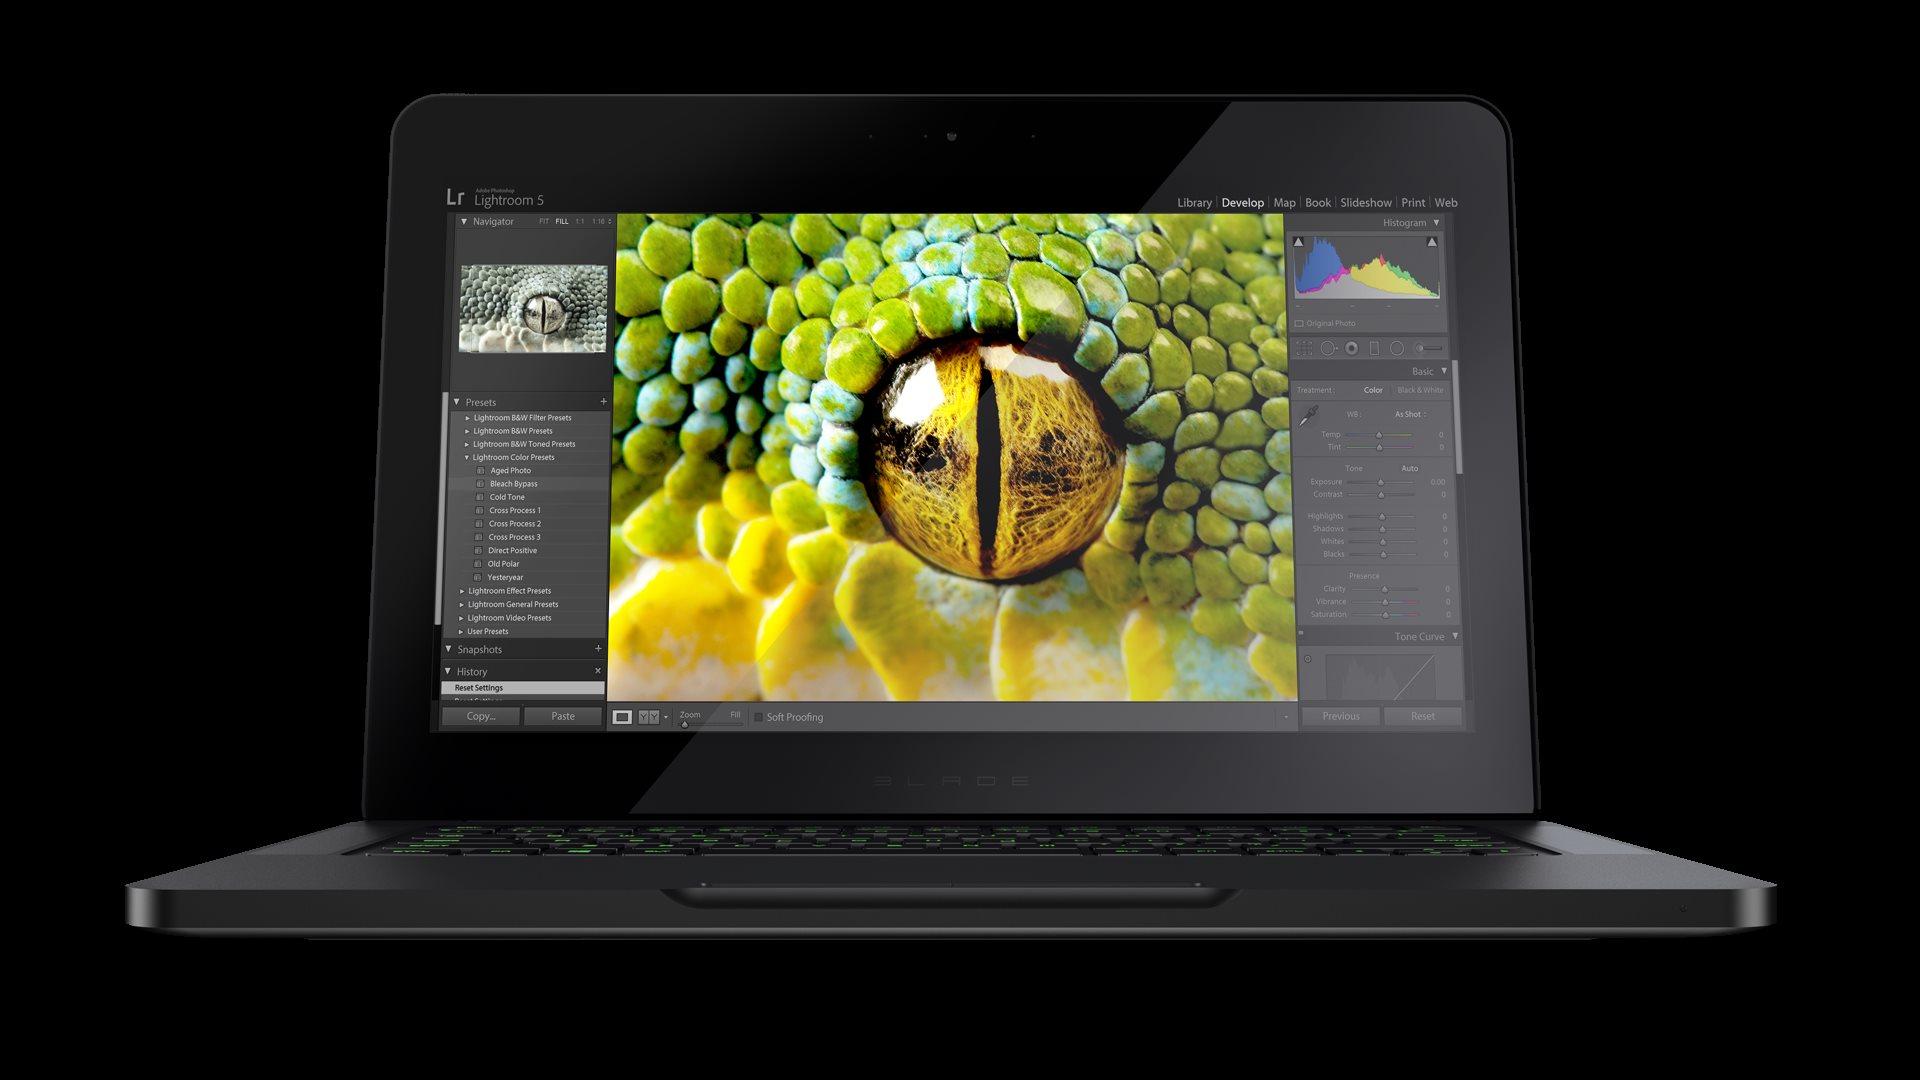 Wallpaper widescreen high definition razer wallpaper 4k wallpaper - Wallpaper 2 Razer Blade Gaming Laptop High Definition Hd 1920x1080